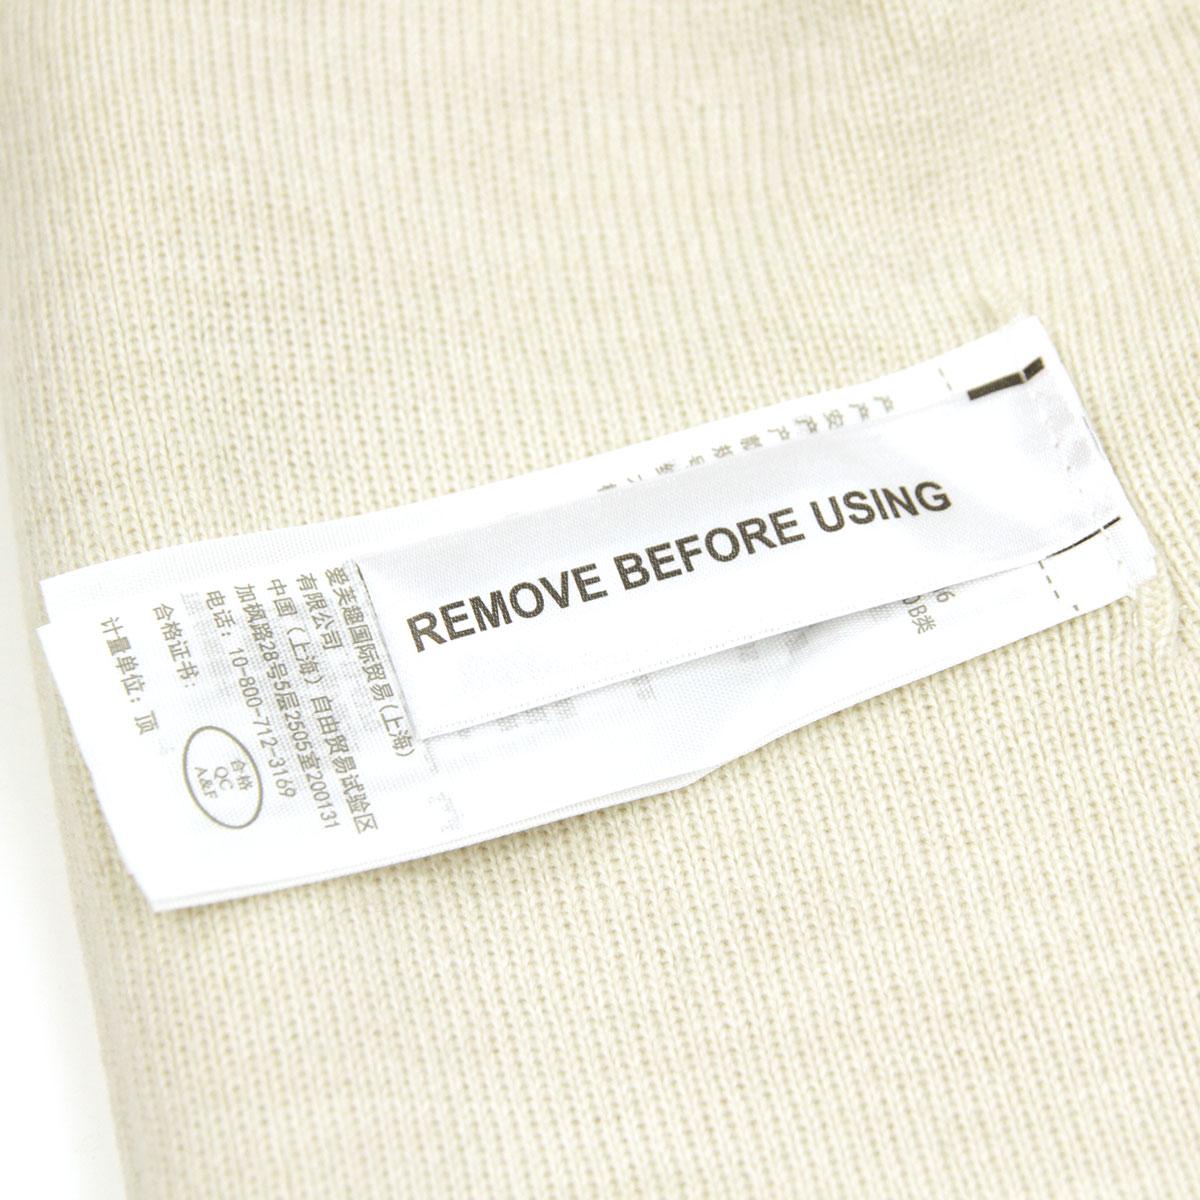 アバクロ キャップ メンズ レディース 正規品 Abercrombie&Fitch 帽子 ビーニー ニットキャップ ロゴ LOGO PATCH BEANIE 112-200-0282-178 A02B B3C C3D D4E E18F